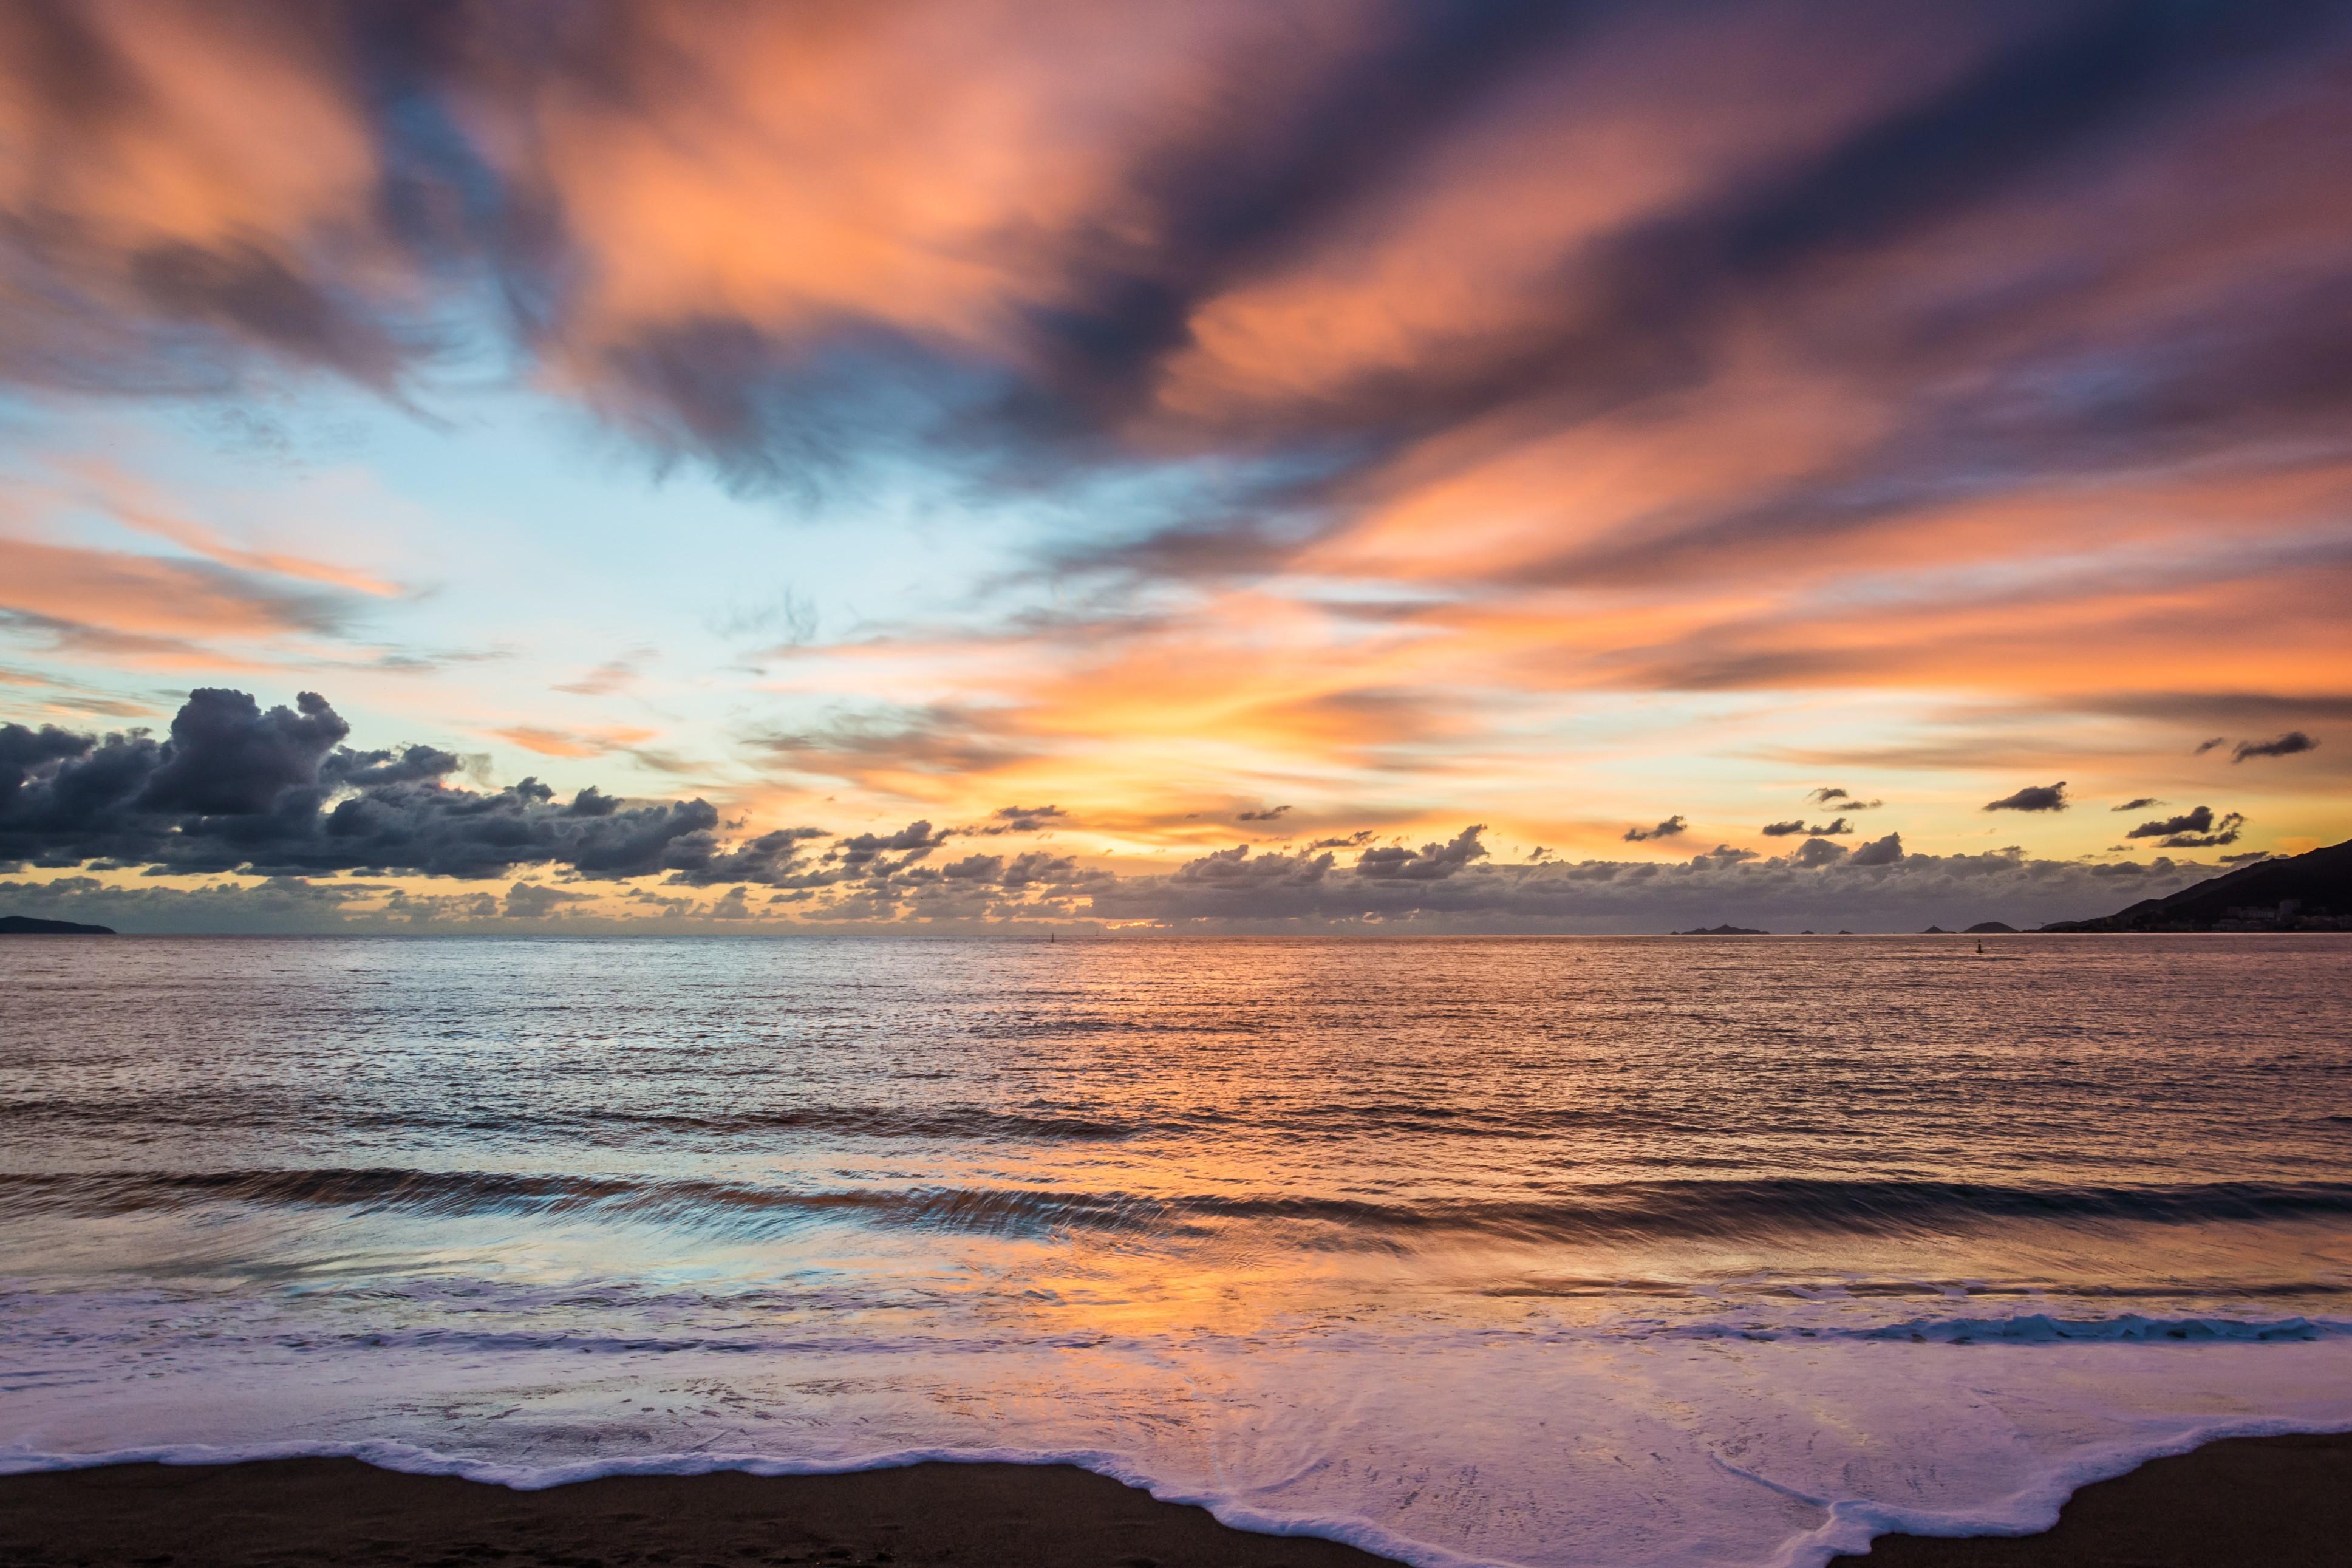 закат на море много фото стрижак прославилась